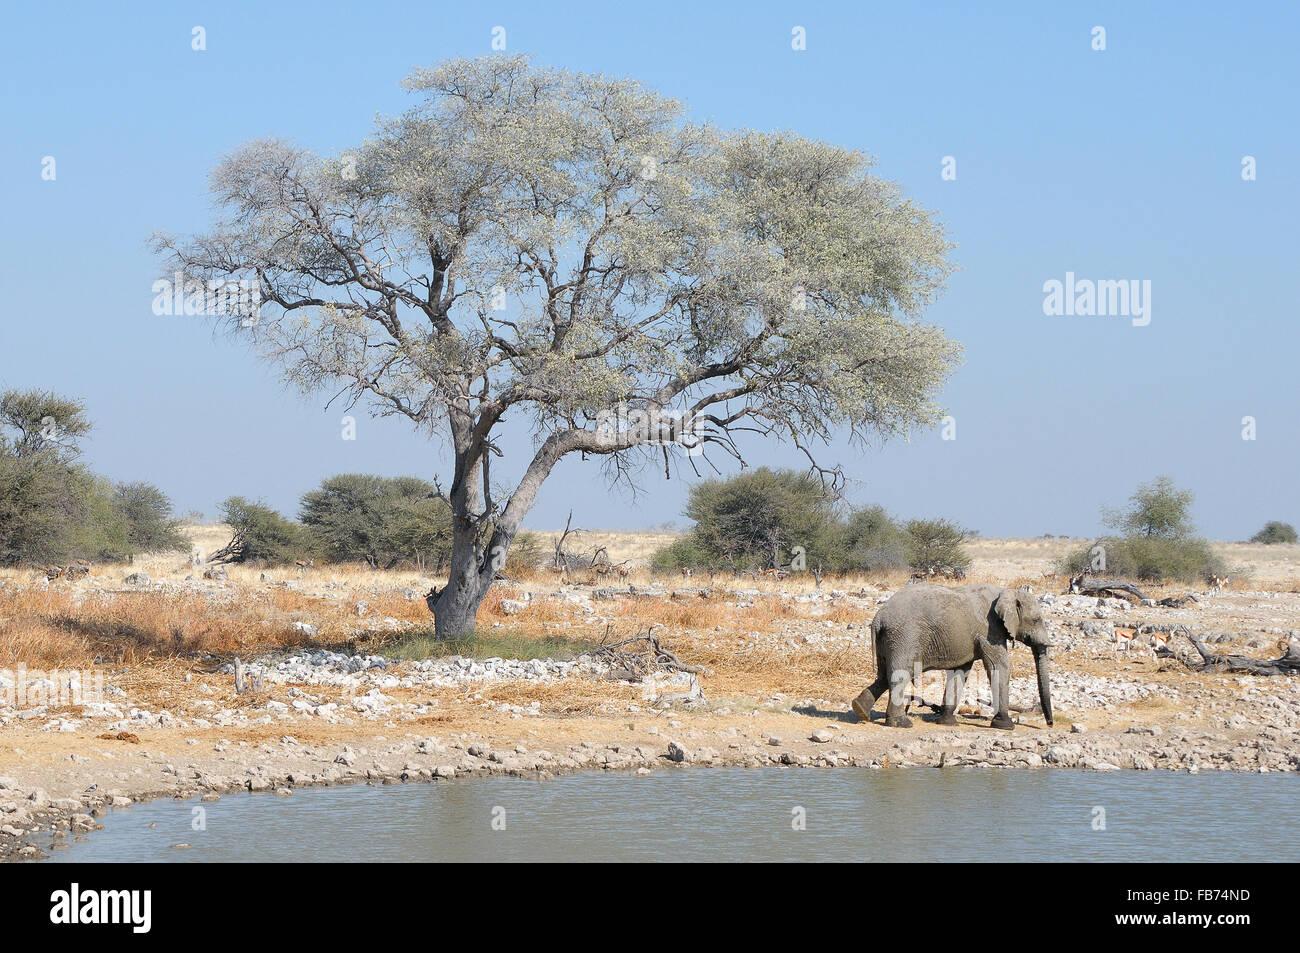 Elephant at Okaukeujo in the Etosha National Park, Namibia - Stock Image